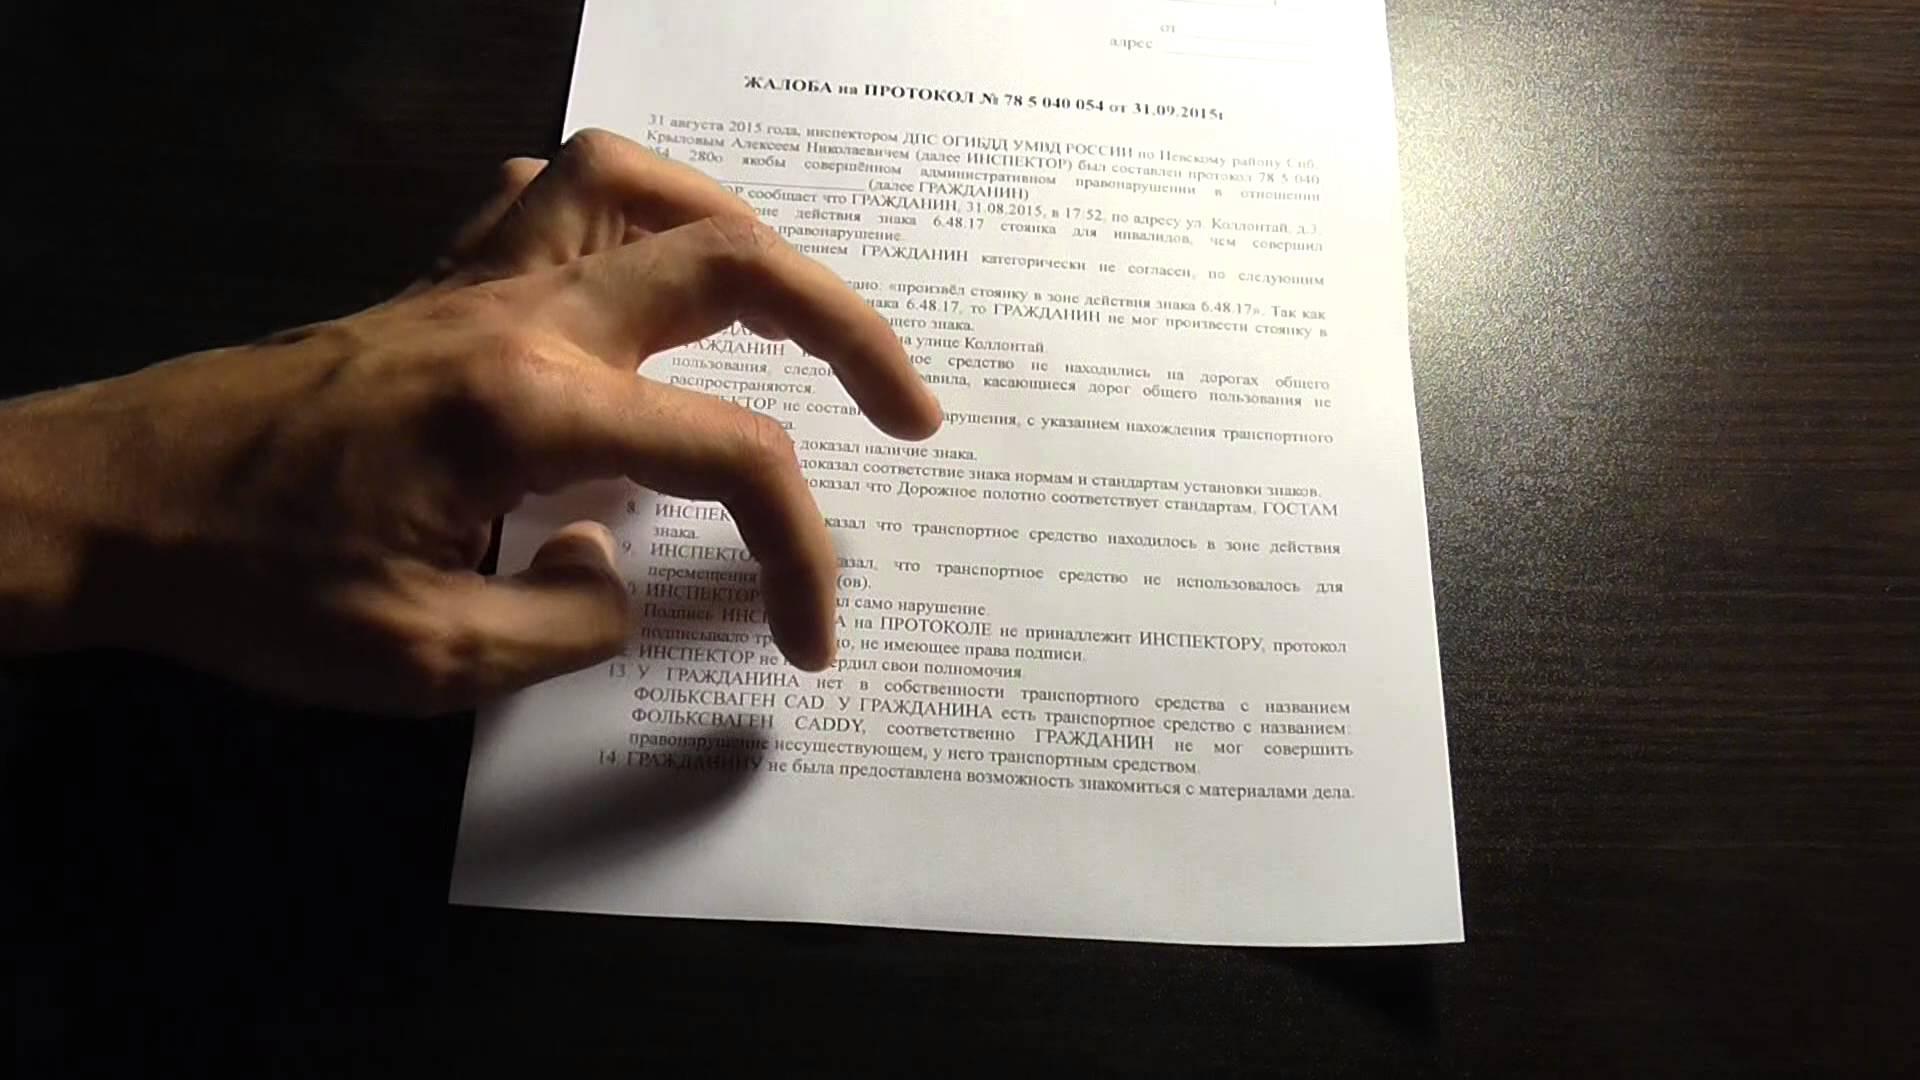 Срок составления протокола об административном правонарушении Акты, образцы, формы, договоры Консультант Плюс